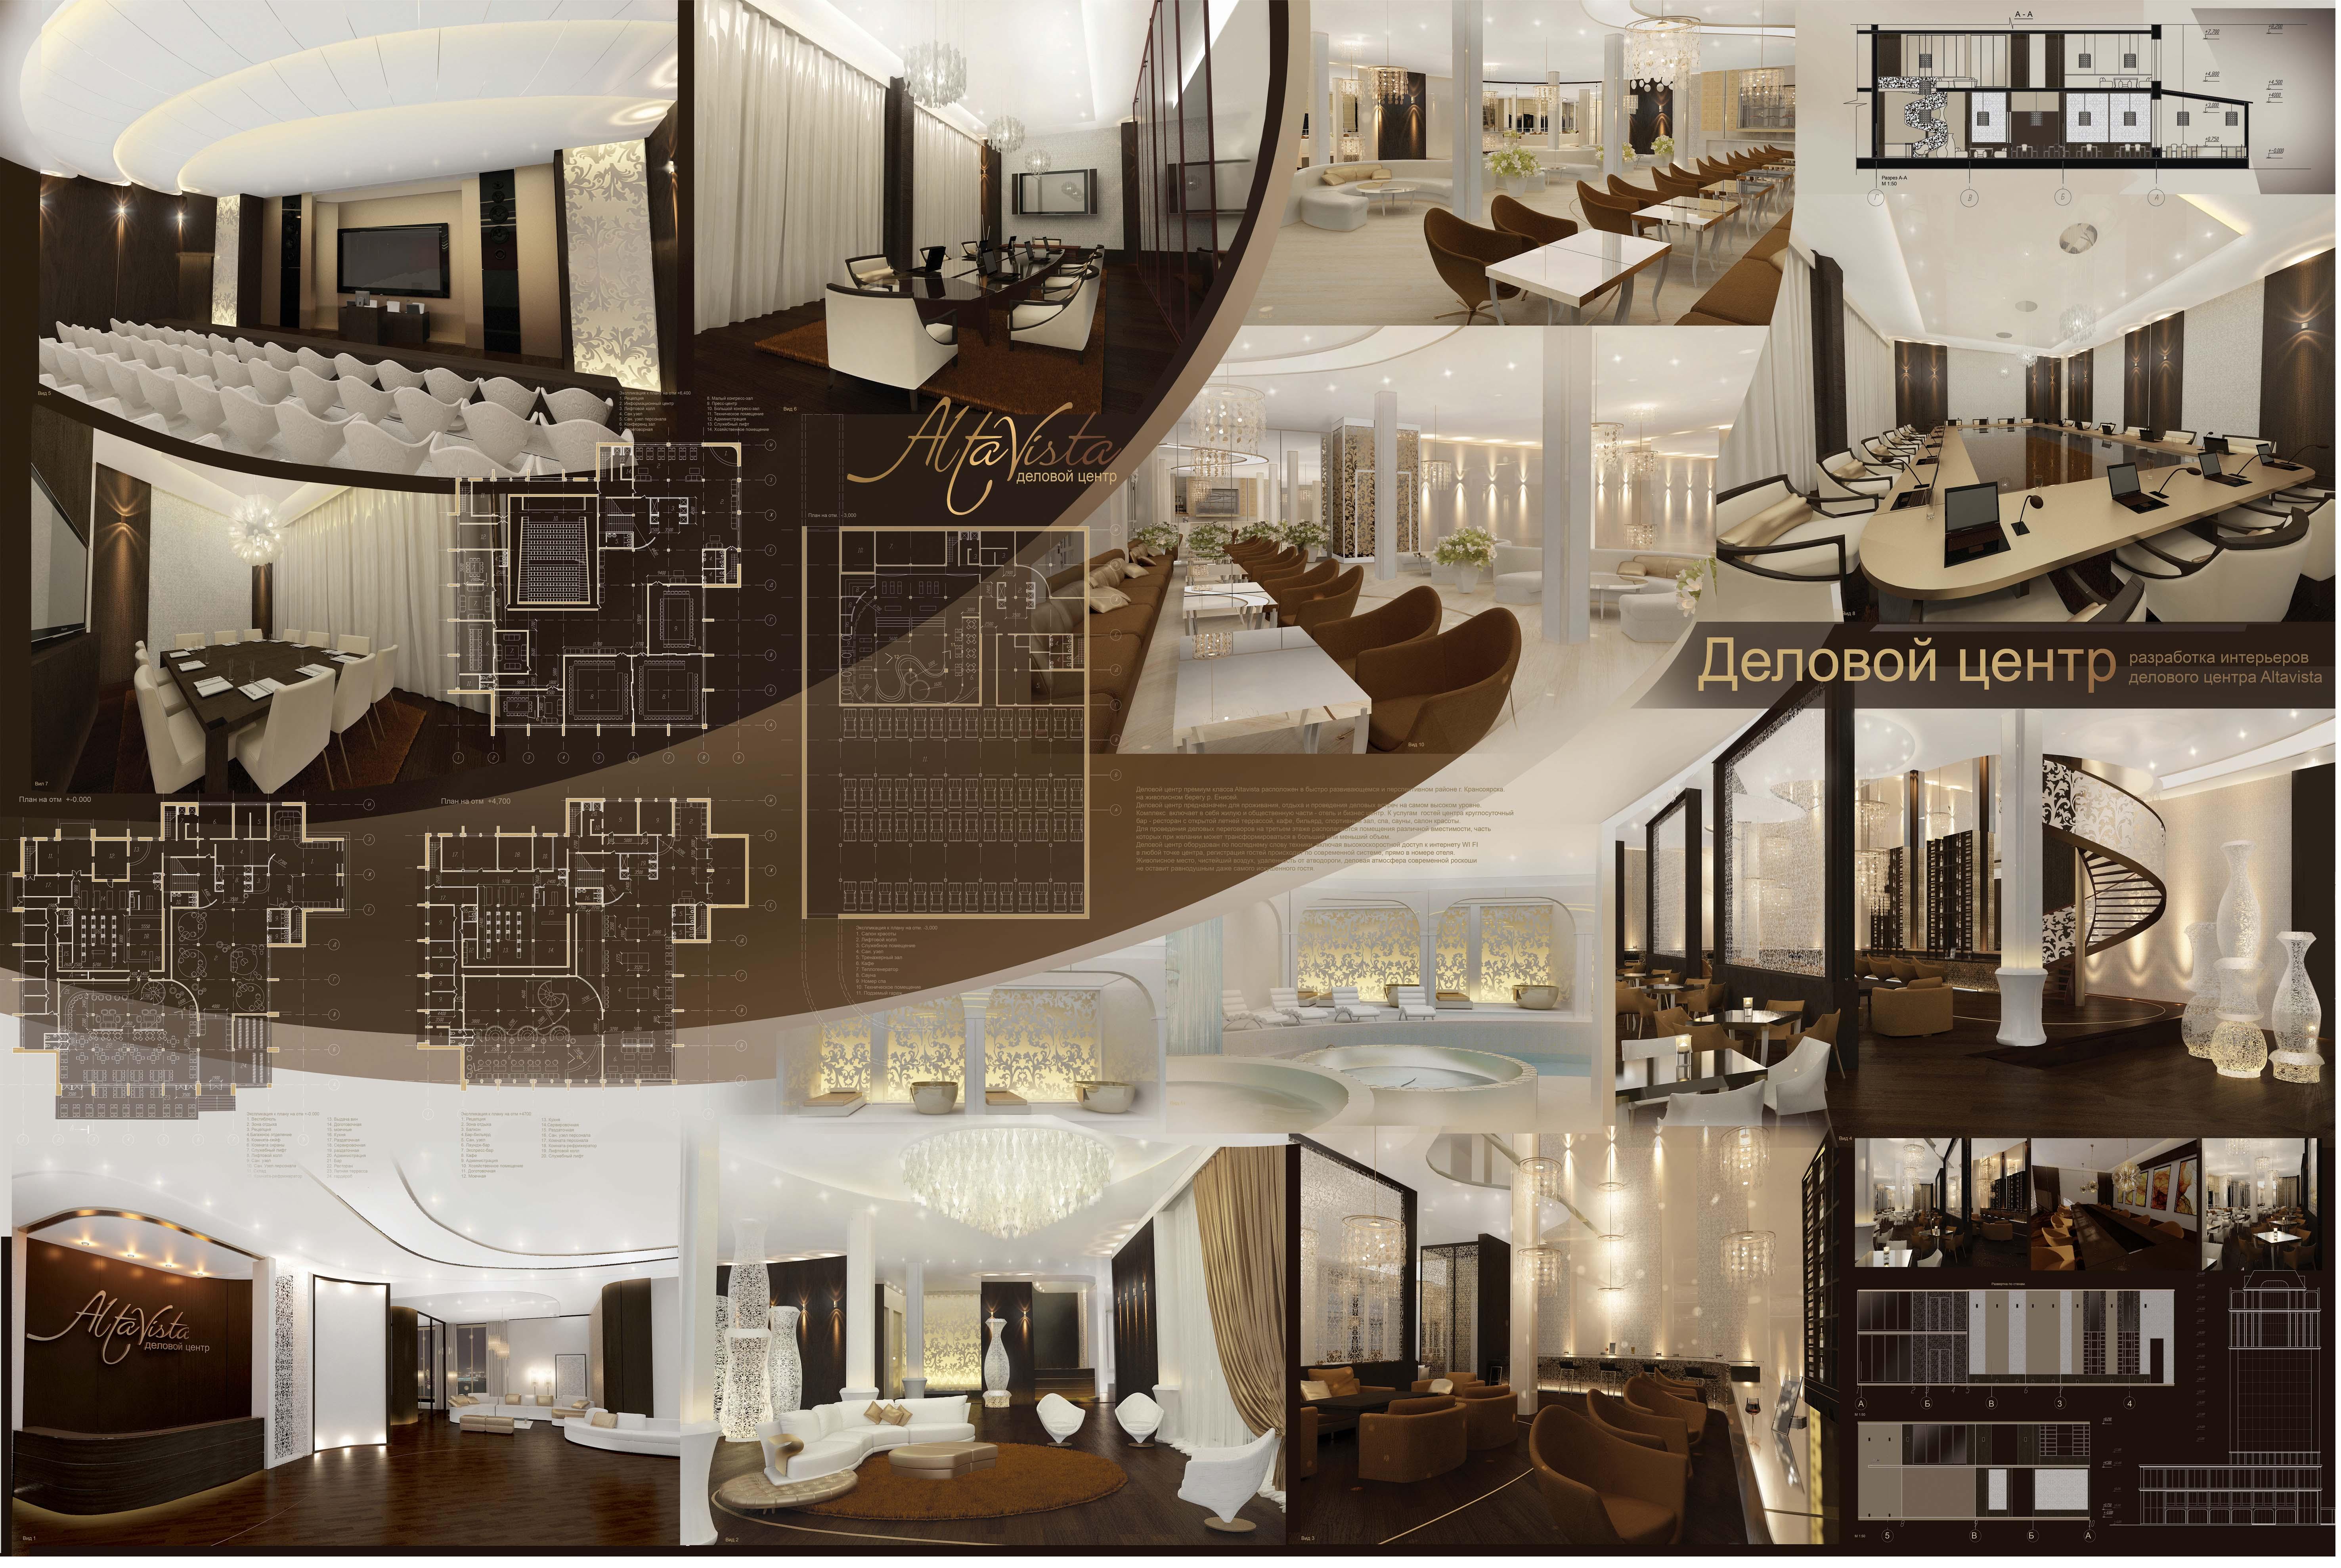 Дипломная работа на тему дизайн интерьера Картинки и фотографии  Дипломная работа на тему дизайн интерьера Картинки и фотографии дизайна квартир домов коттеджей